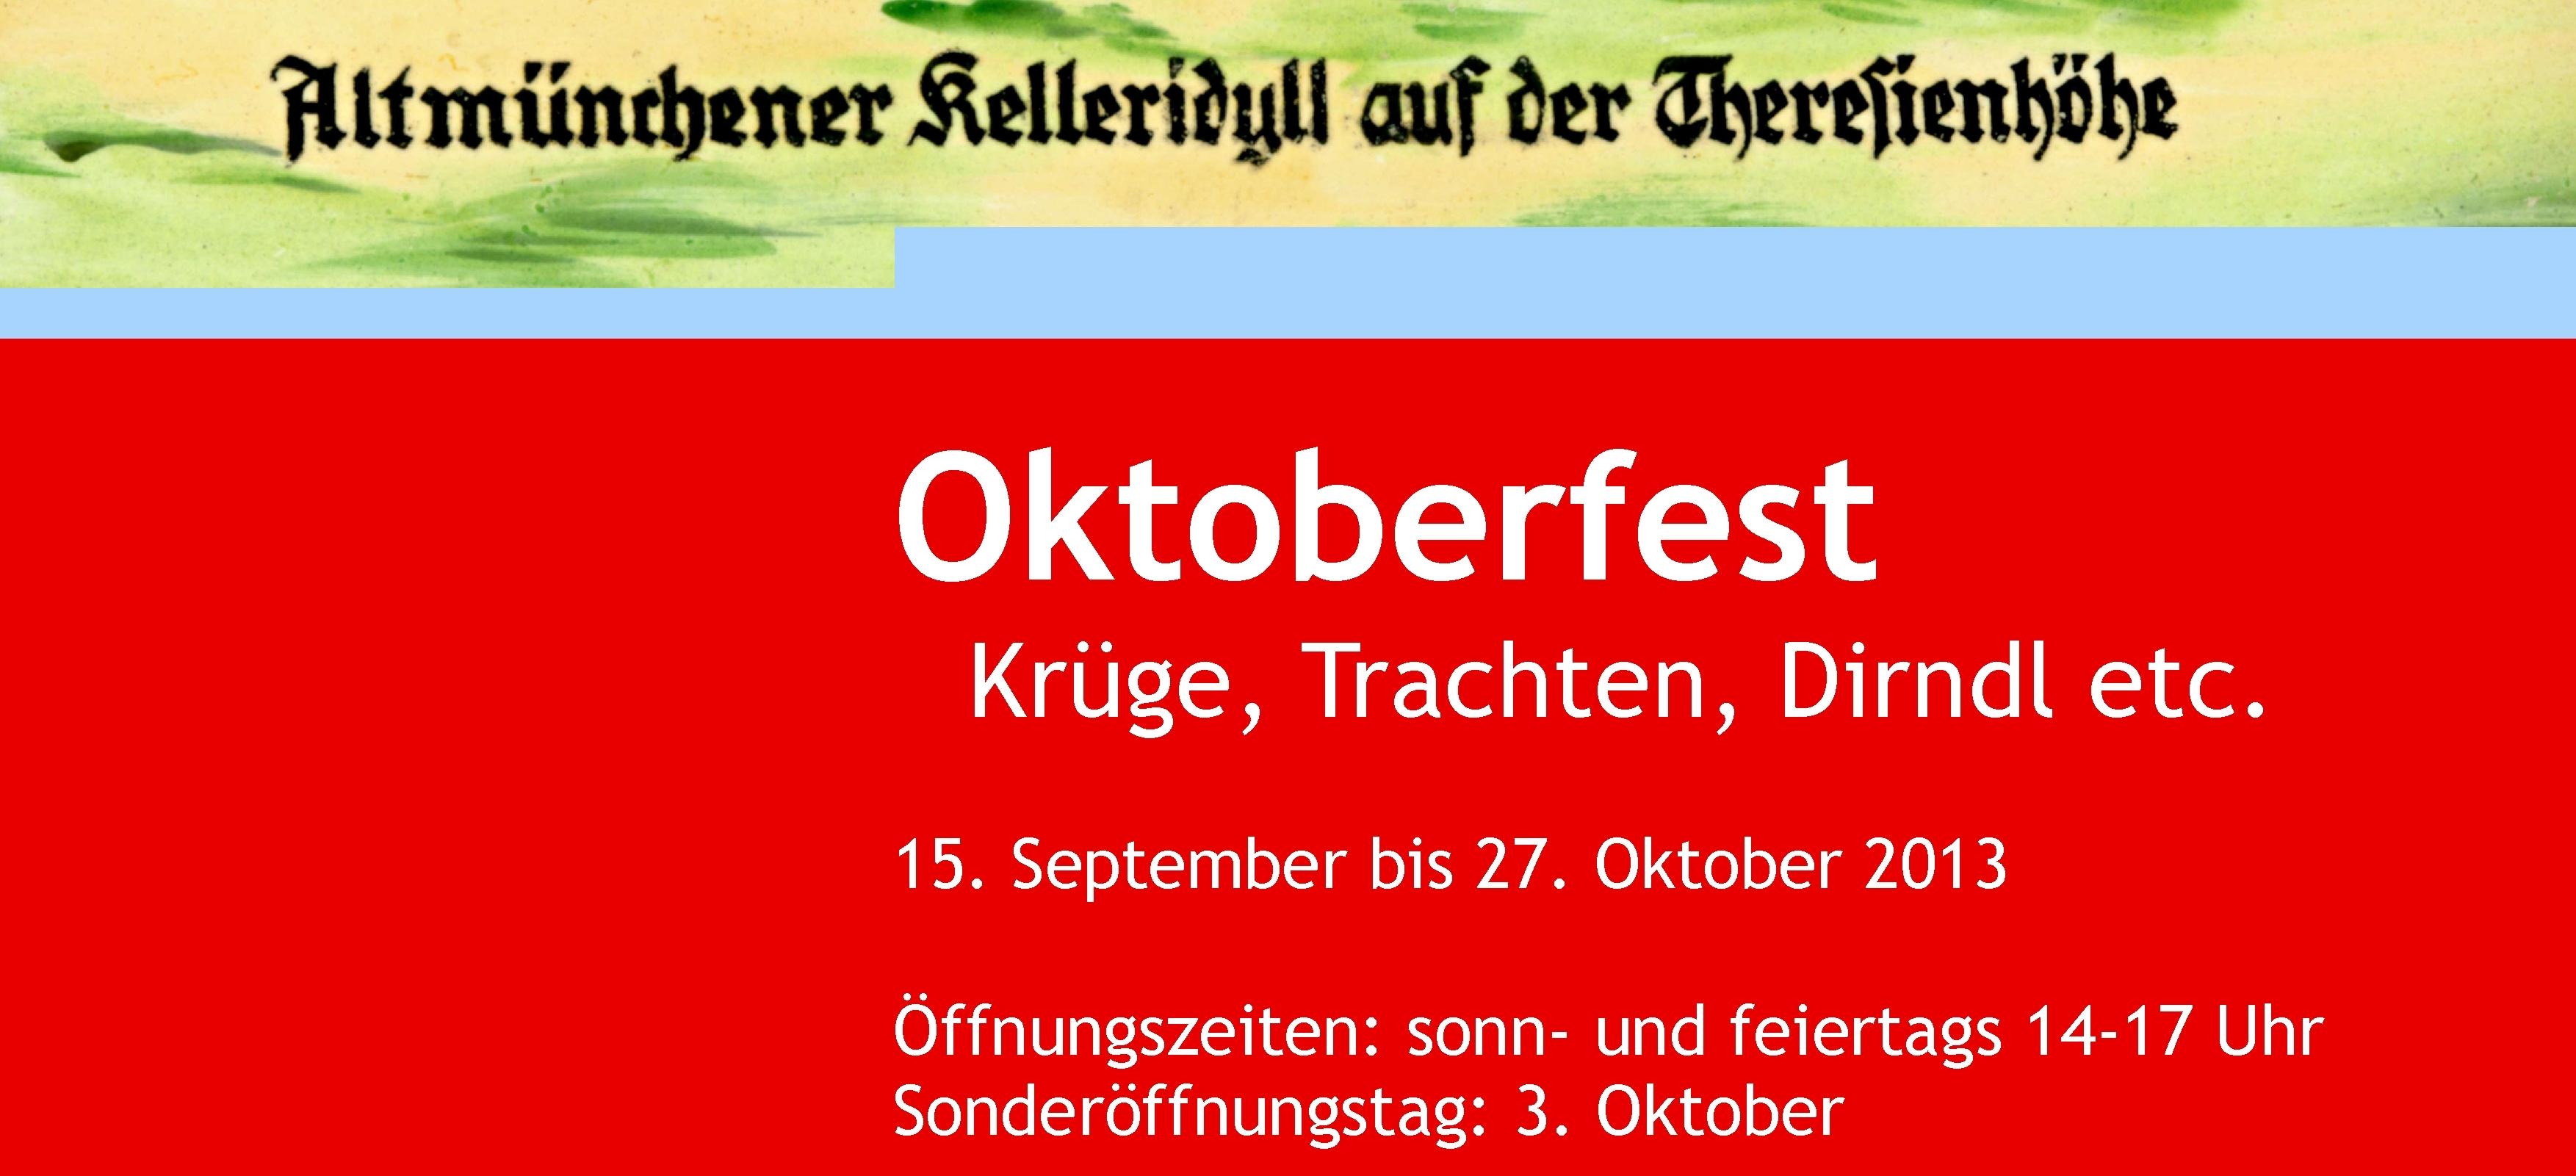 Museum in der Klostermuehle - Oktoberfest - 2